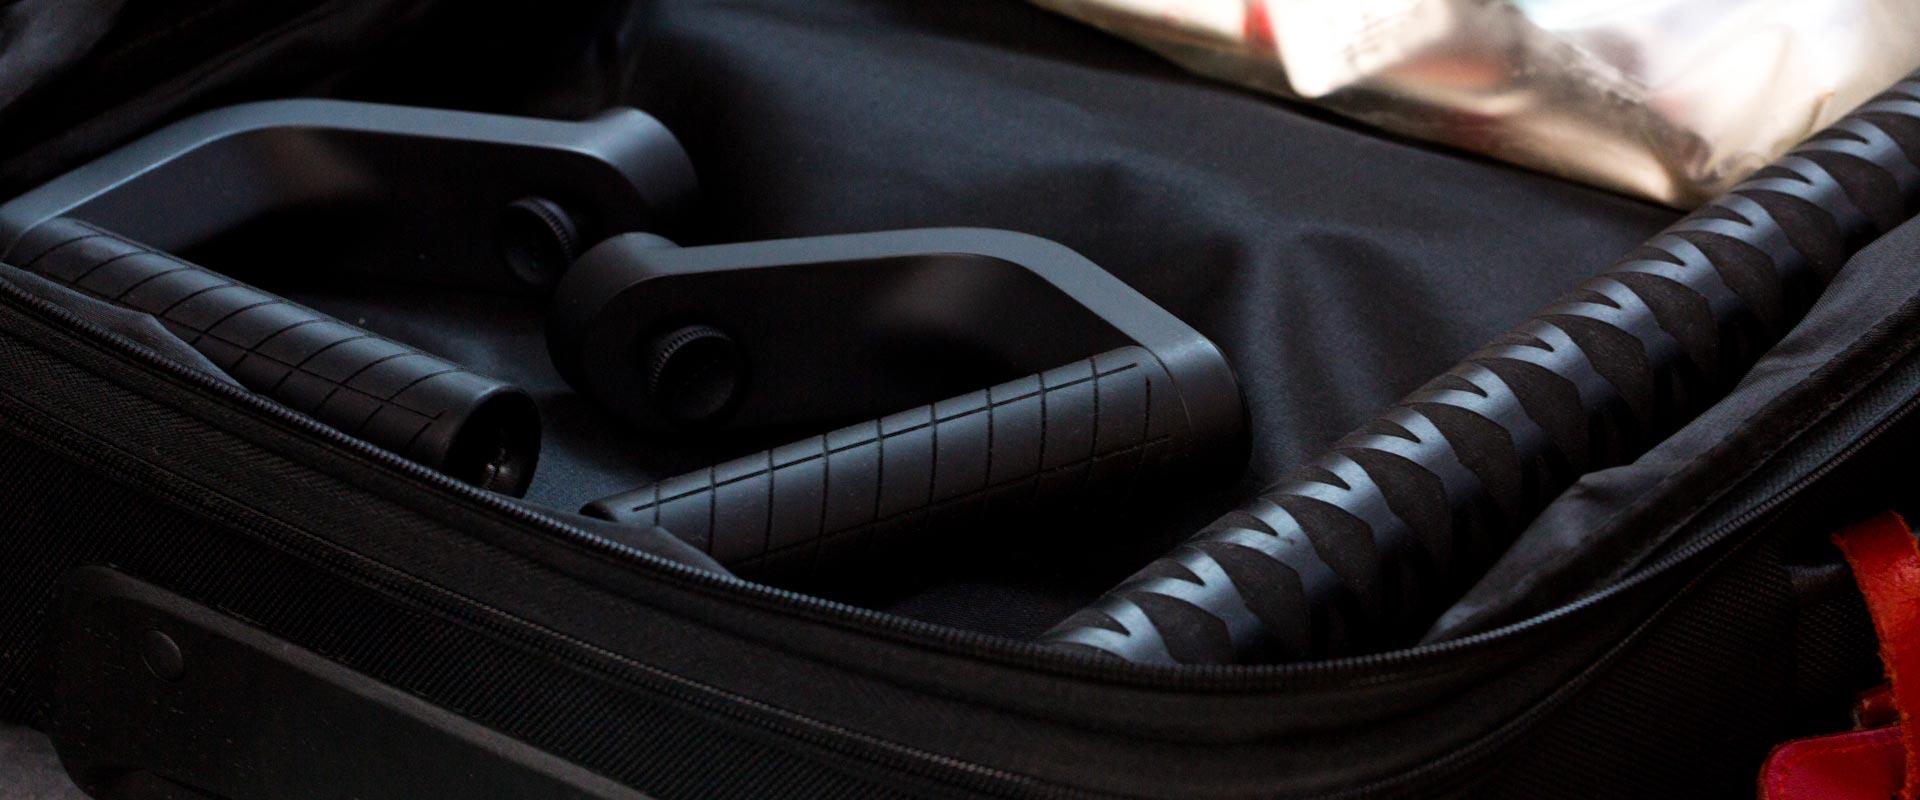 Sywos One designed by daniels + erdwiens industrial design